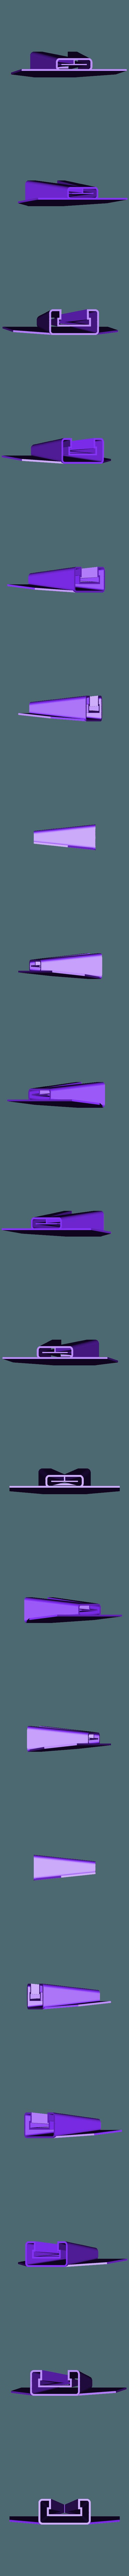 3.5cmBiasTape_Q2_wings.stl Download free STL file 3cm / 3.5cm / 4cm / 5cm Simple Bias Tape Maker, zakladac pasku • 3D printable template, ongaroo